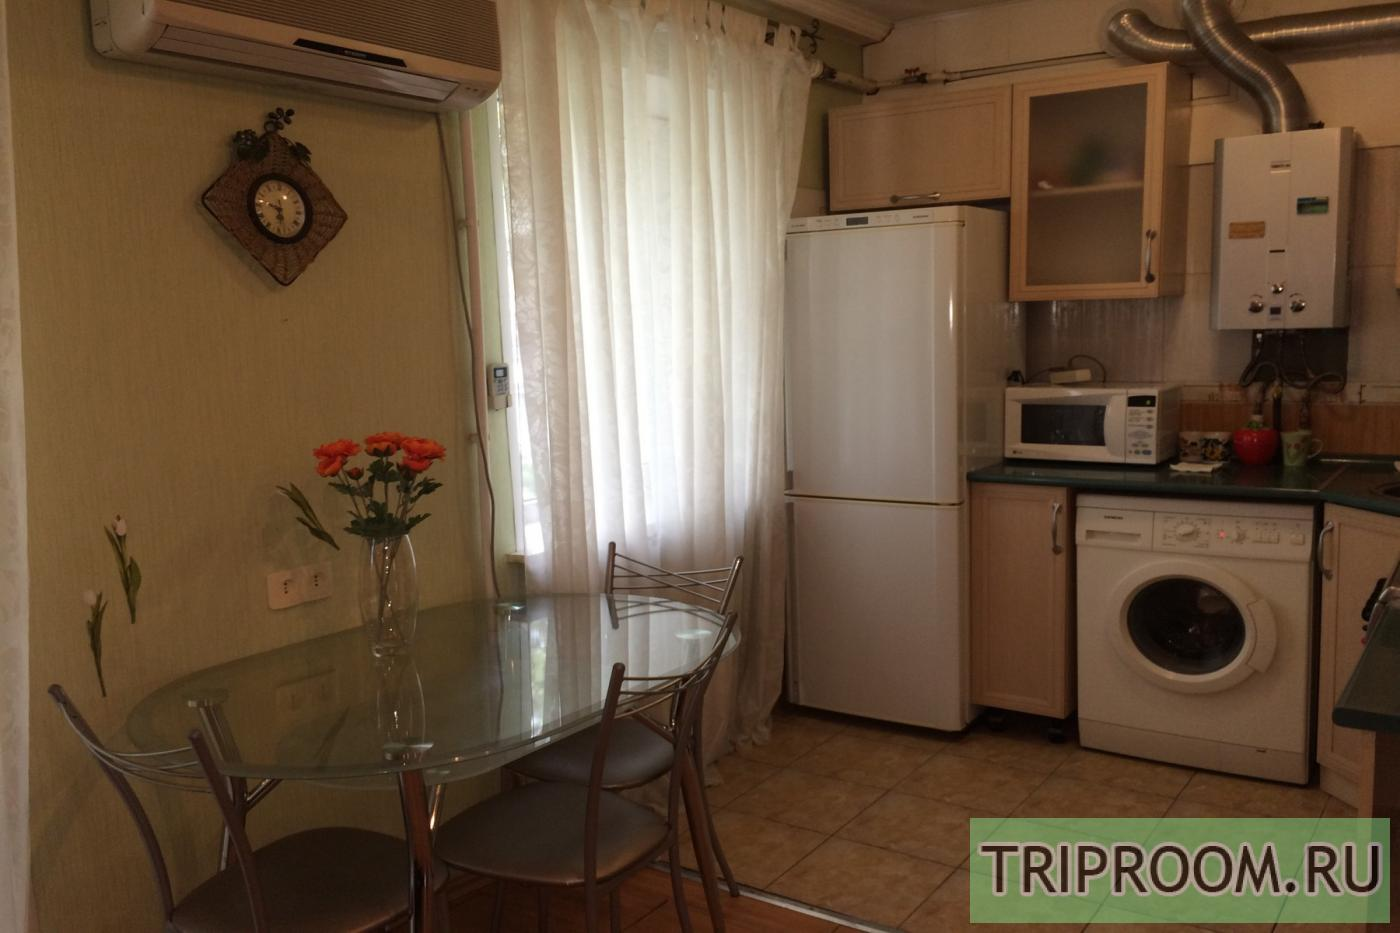 2-комнатная квартира посуточно (вариант № 32617), ул. Ленина проспект, фото № 10